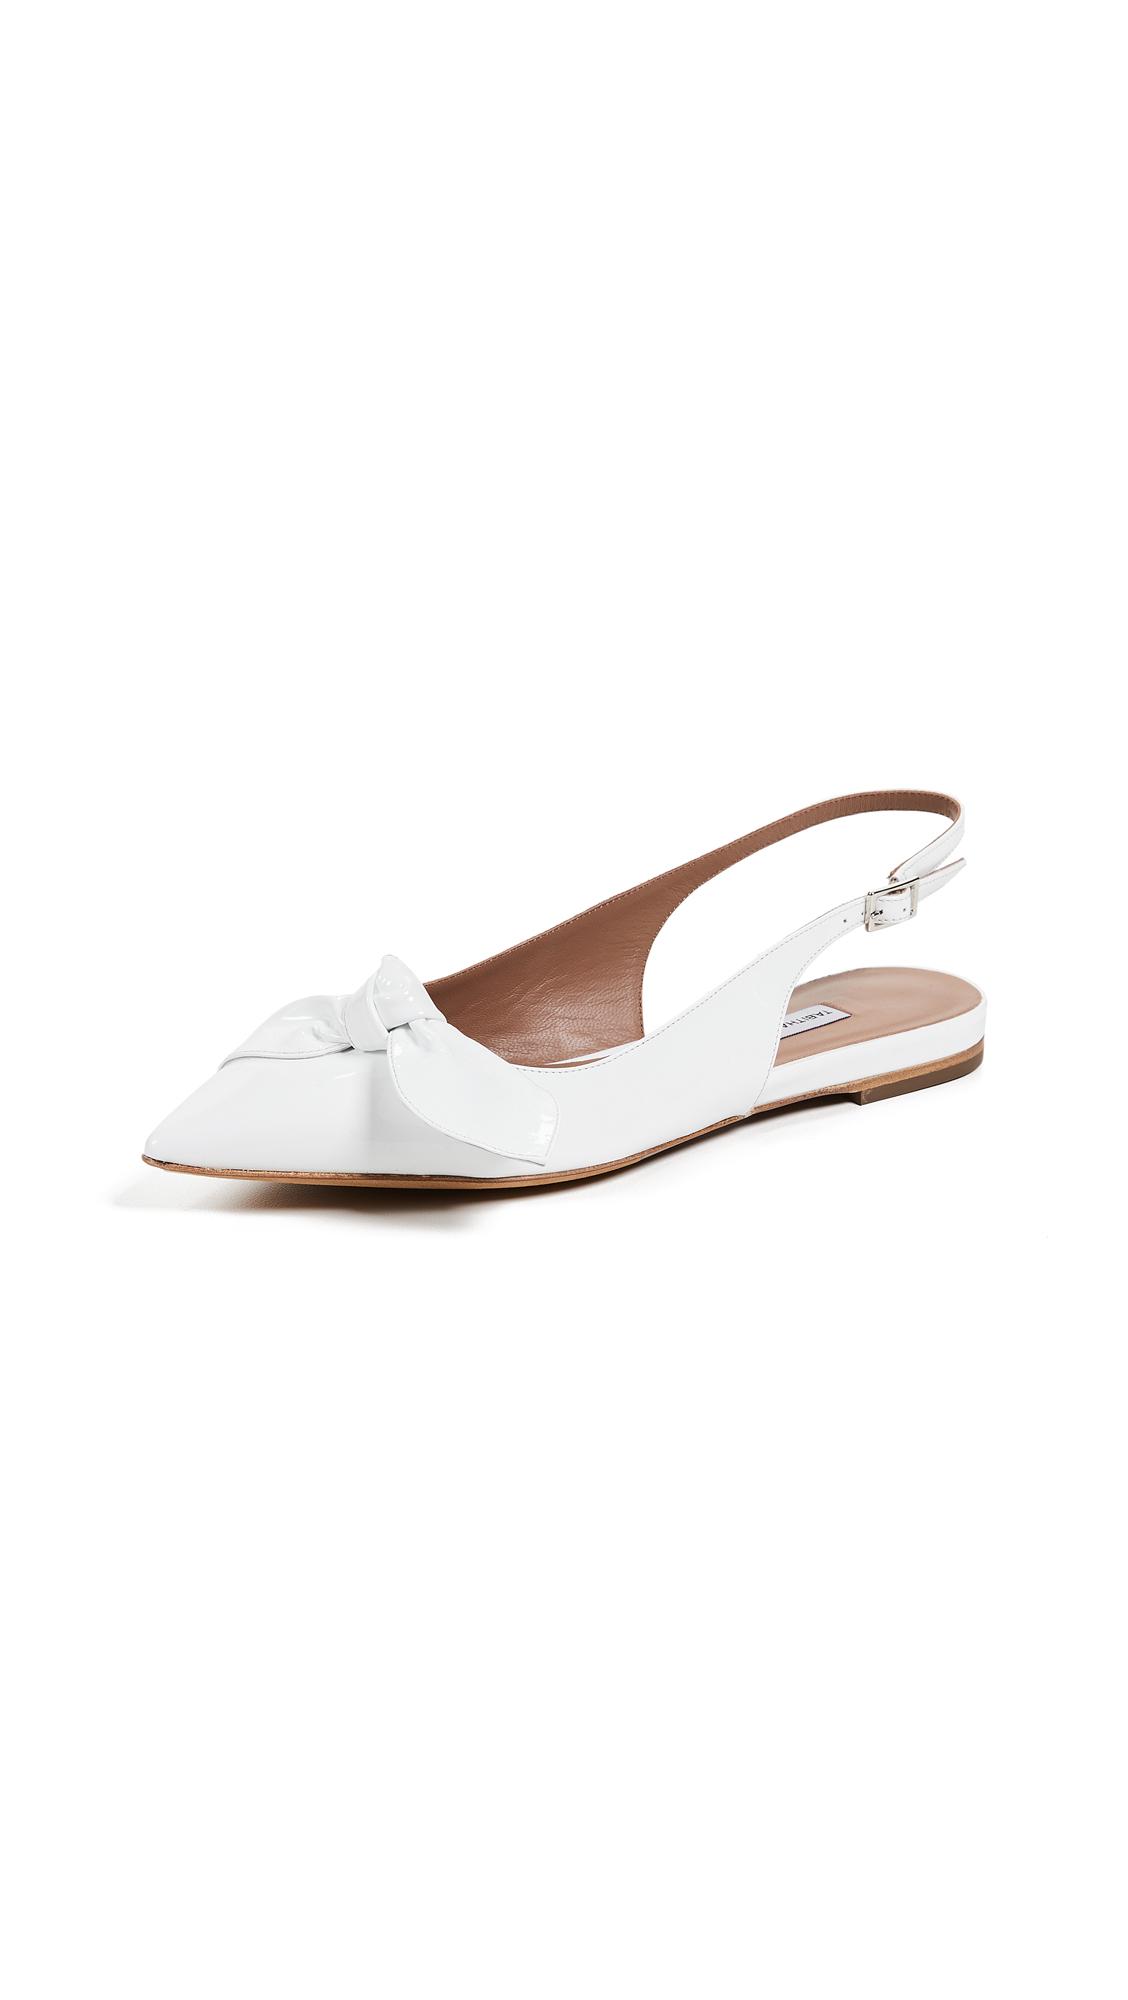 Tabitha Simmons Knotty Slingback Flats - White